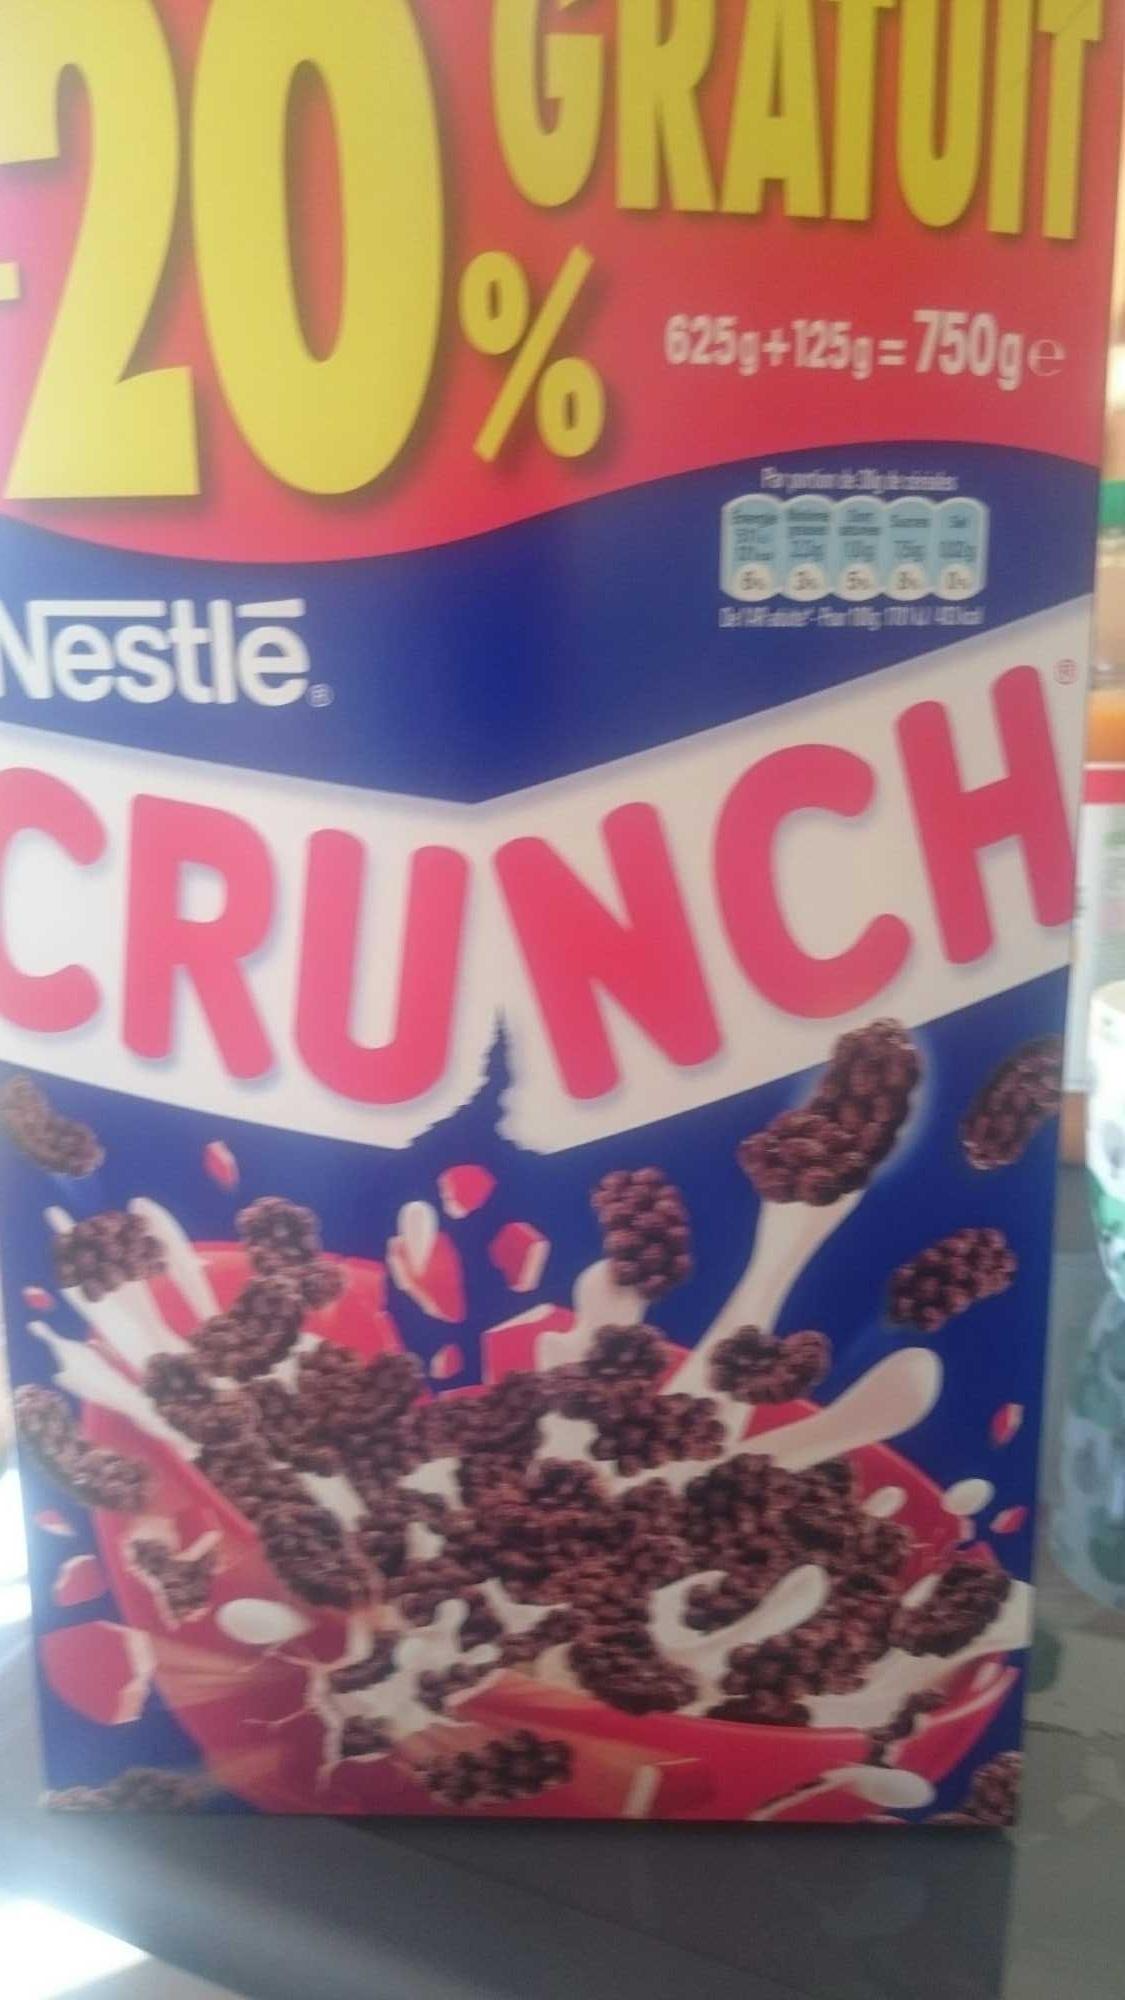 Crunch (20% gratuit) - Product - fr